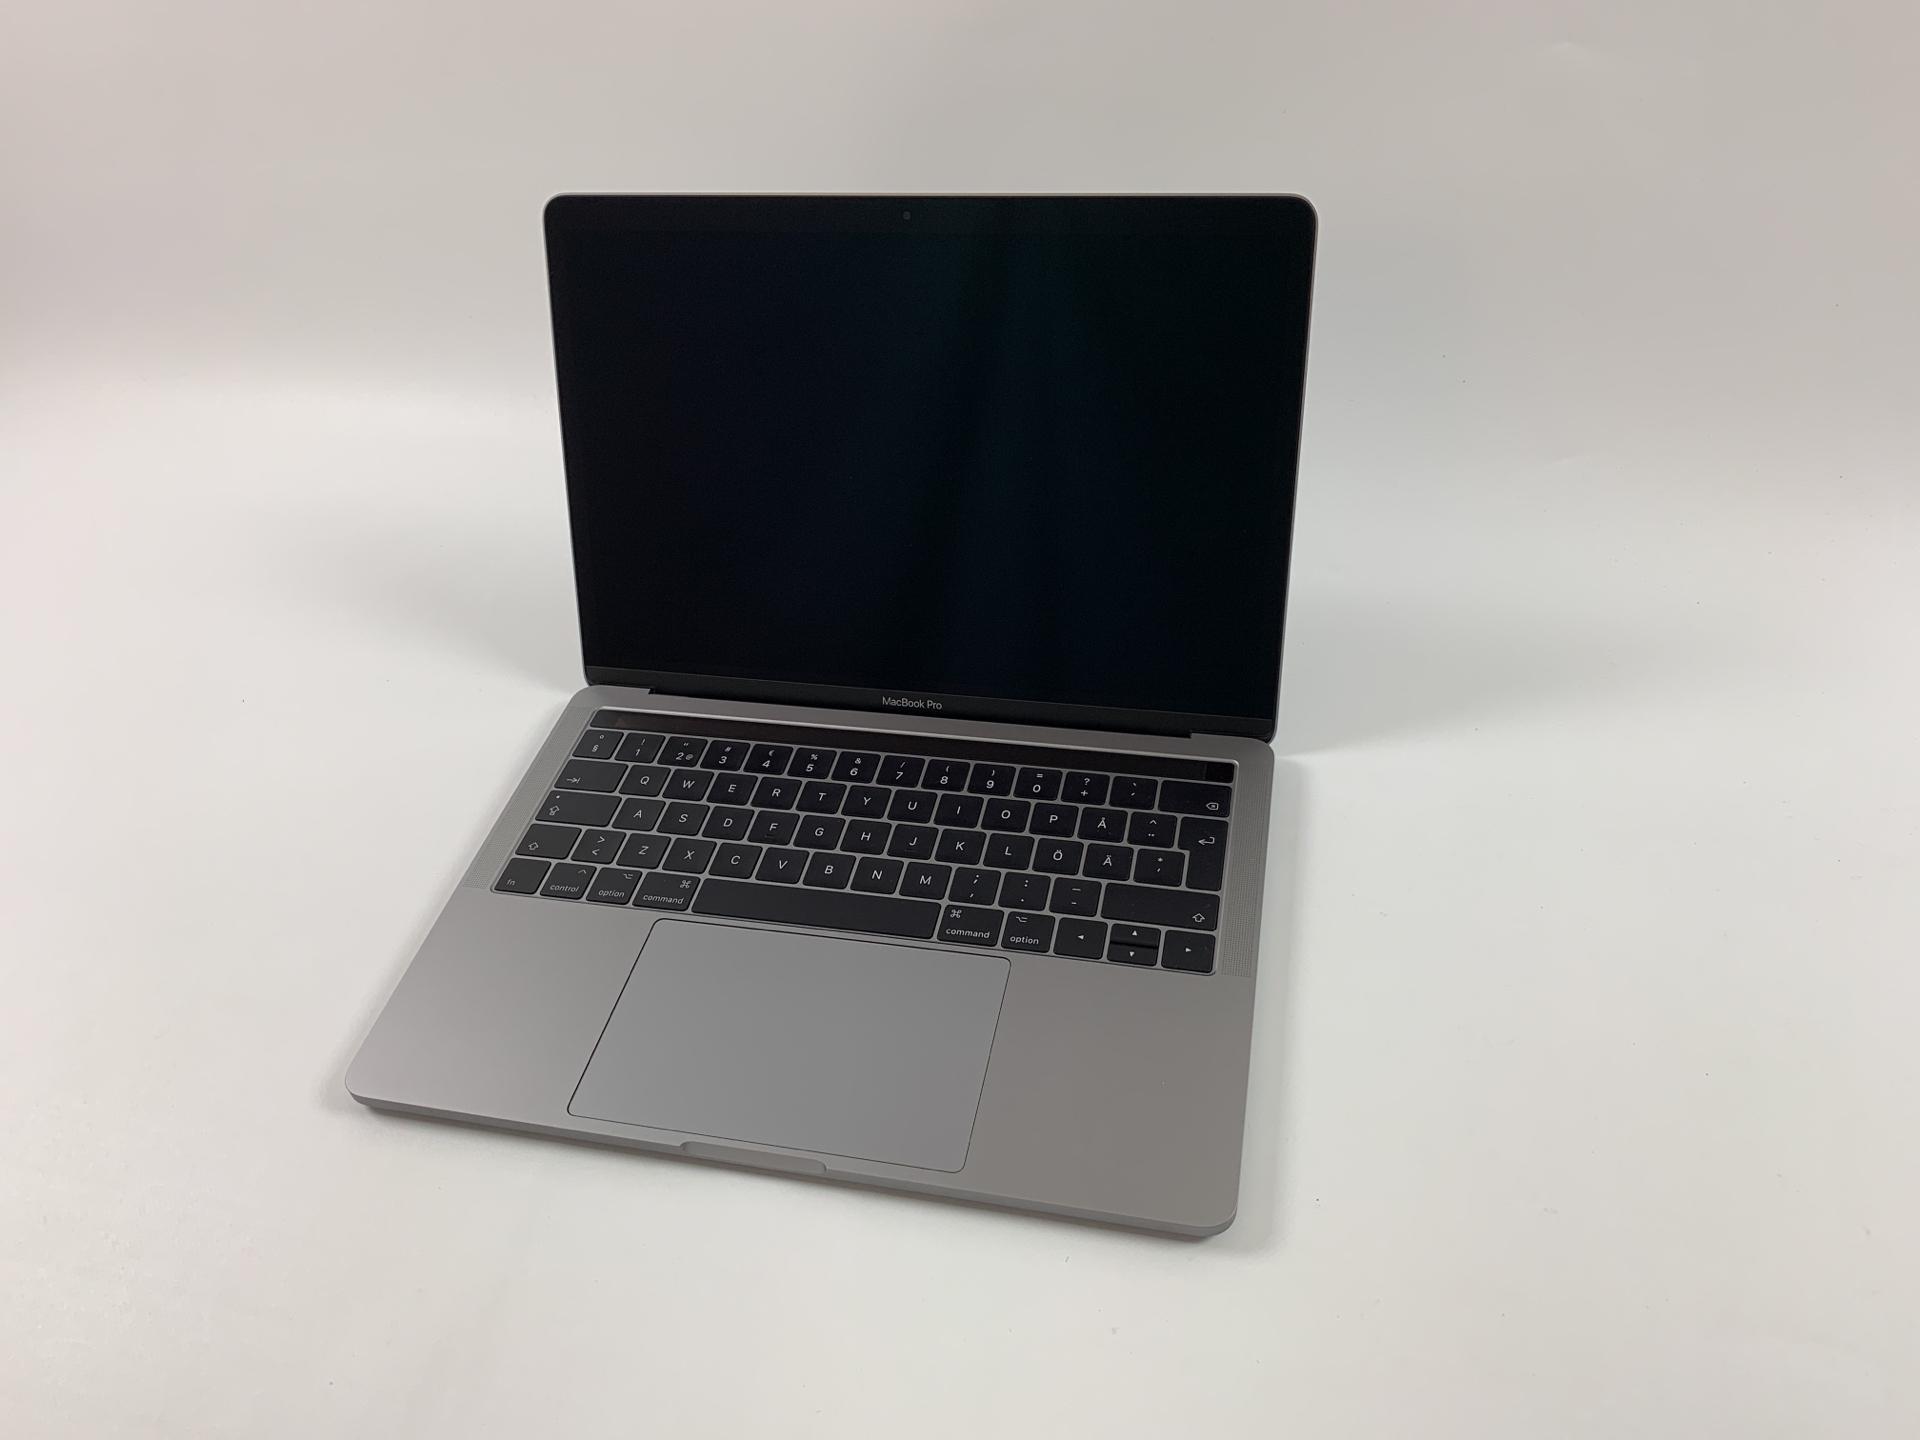 """MacBook Pro 13"""" 4TBT Mid 2017 (Intel Core i5 3.1 GHz 8 GB RAM 512 GB SSD), Space Gray, Intel Core i5 3.1 GHz, 8 GB RAM, 512 GB SSD, Kuva 1"""